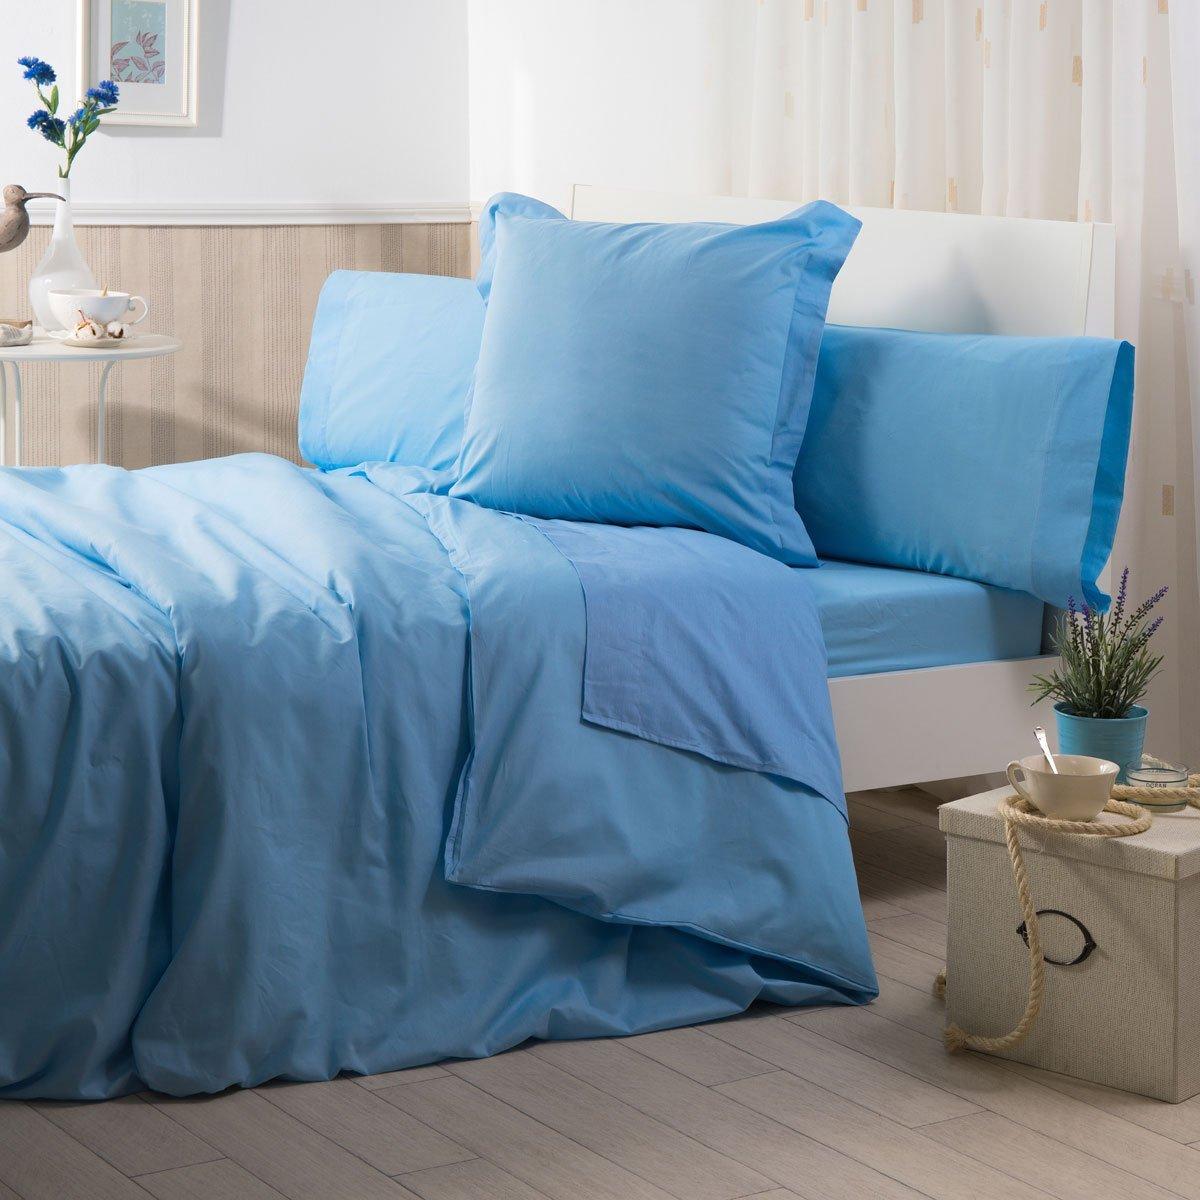 Sancarlos - Funda nórdica lisa, 100% Algodón, Color azul, Cama de 105 cm: Amazon.es: Hogar